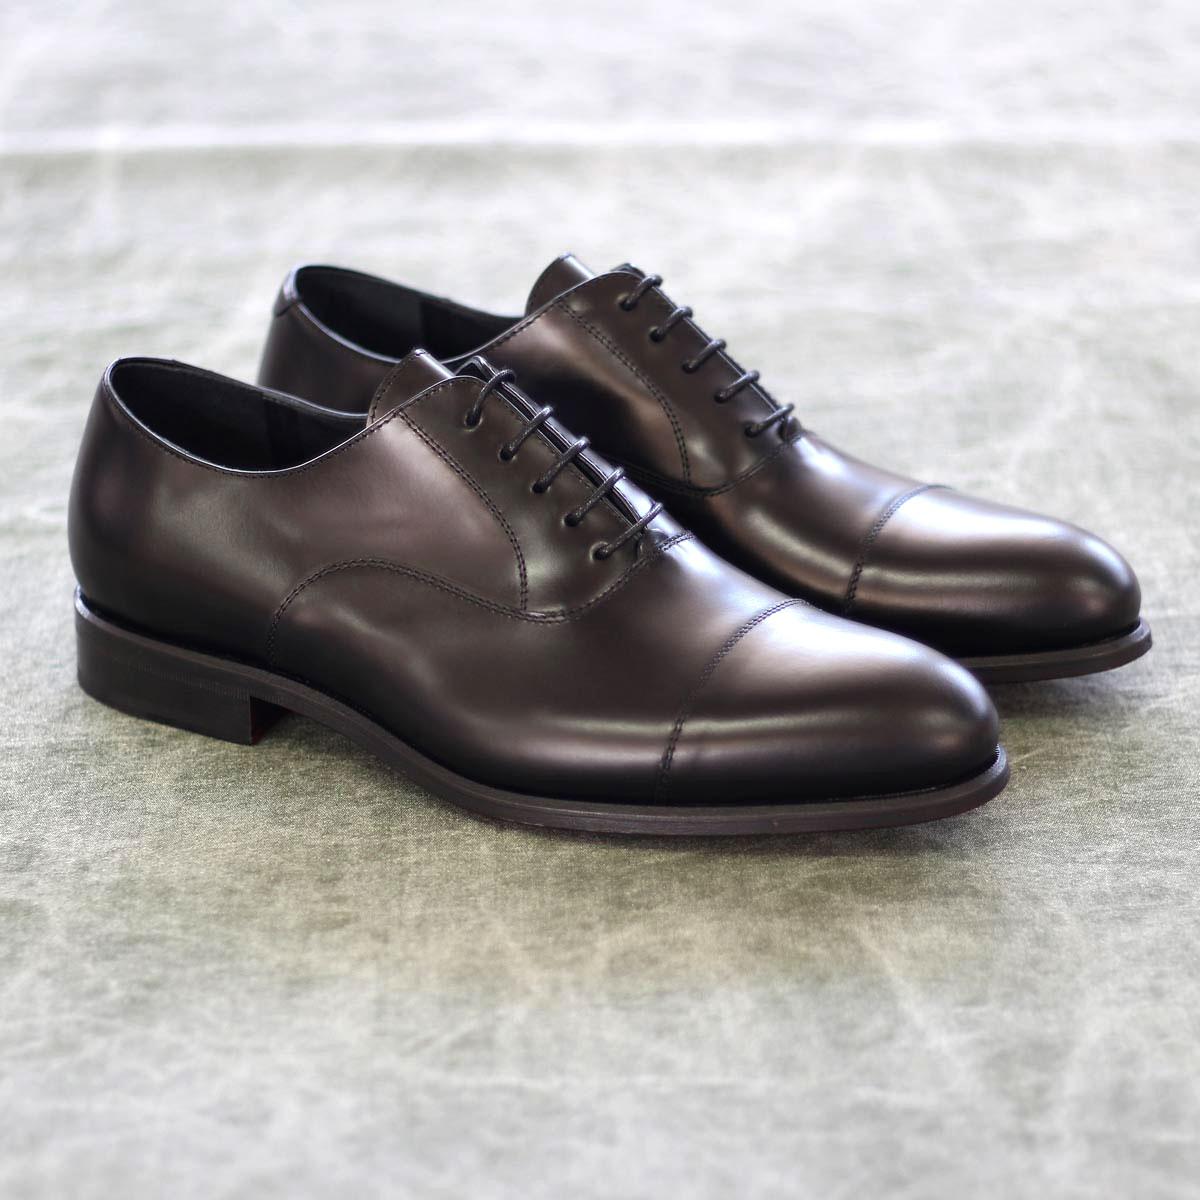 Chaussures Richelieu, comment les reconnaitre?